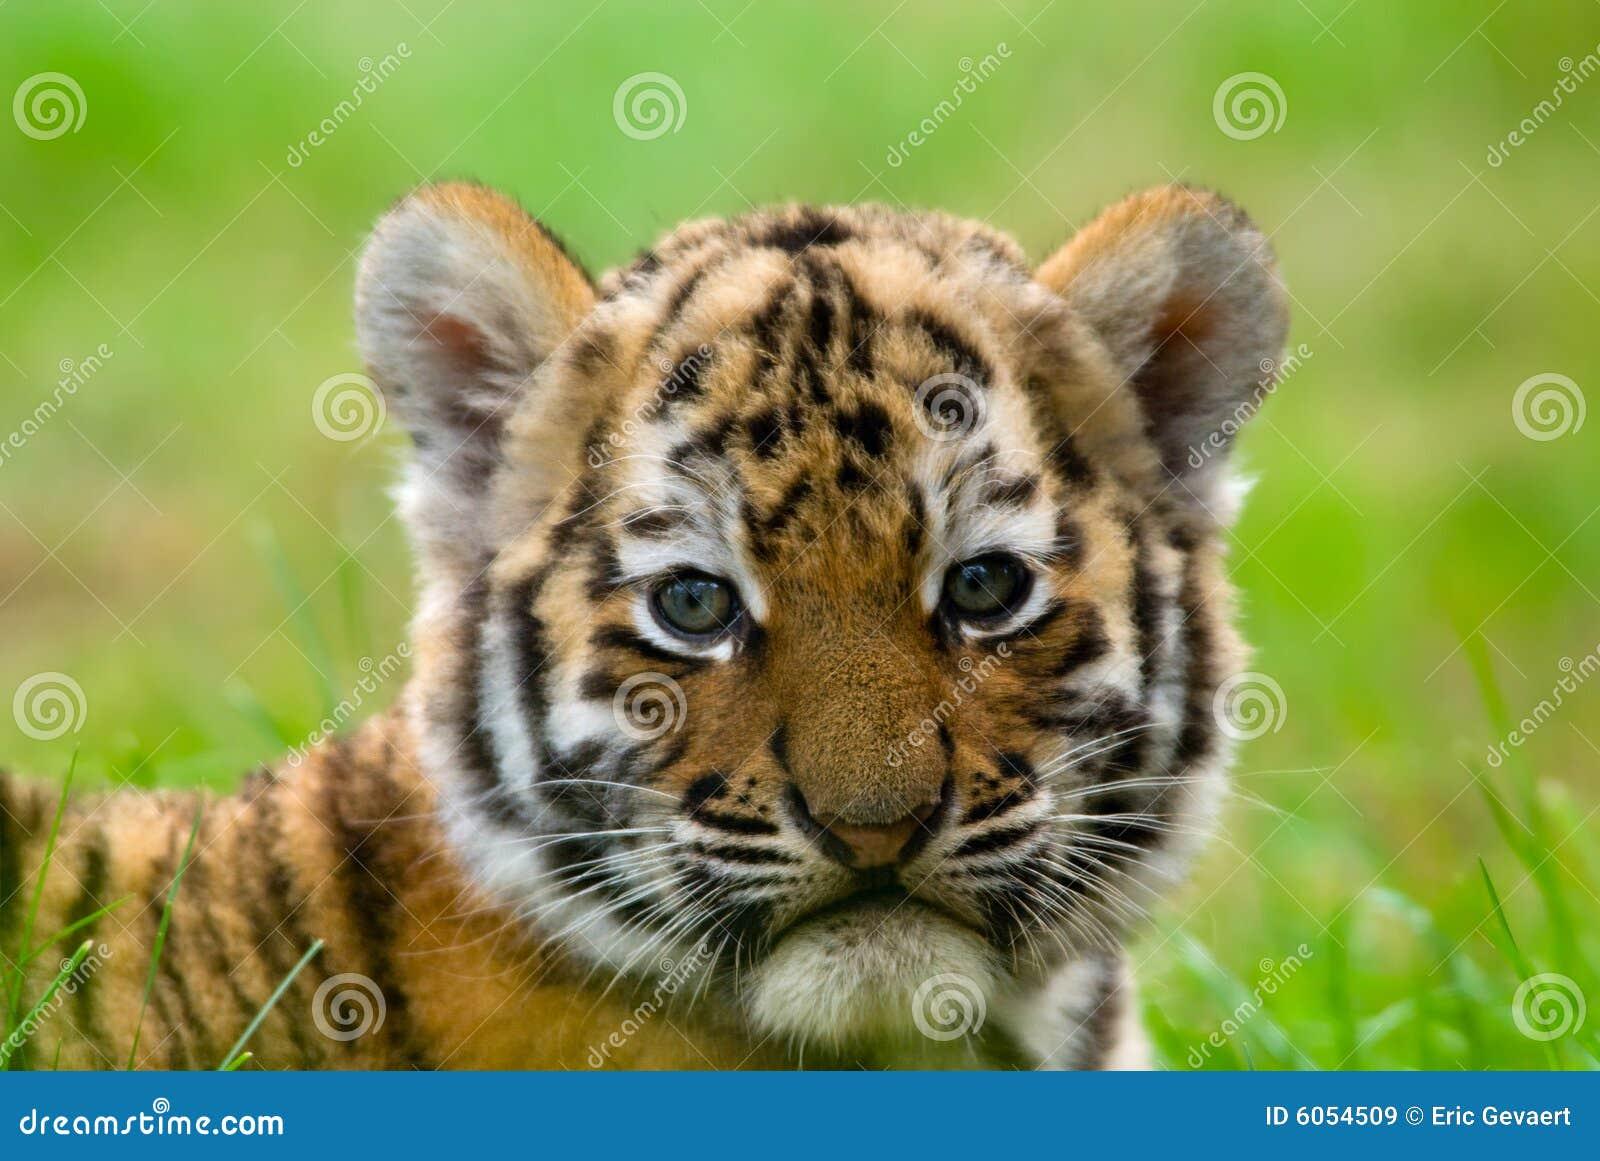 Cute siberian tiger cub stock image. Image of close ... Cute Siberian Tiger Shirt